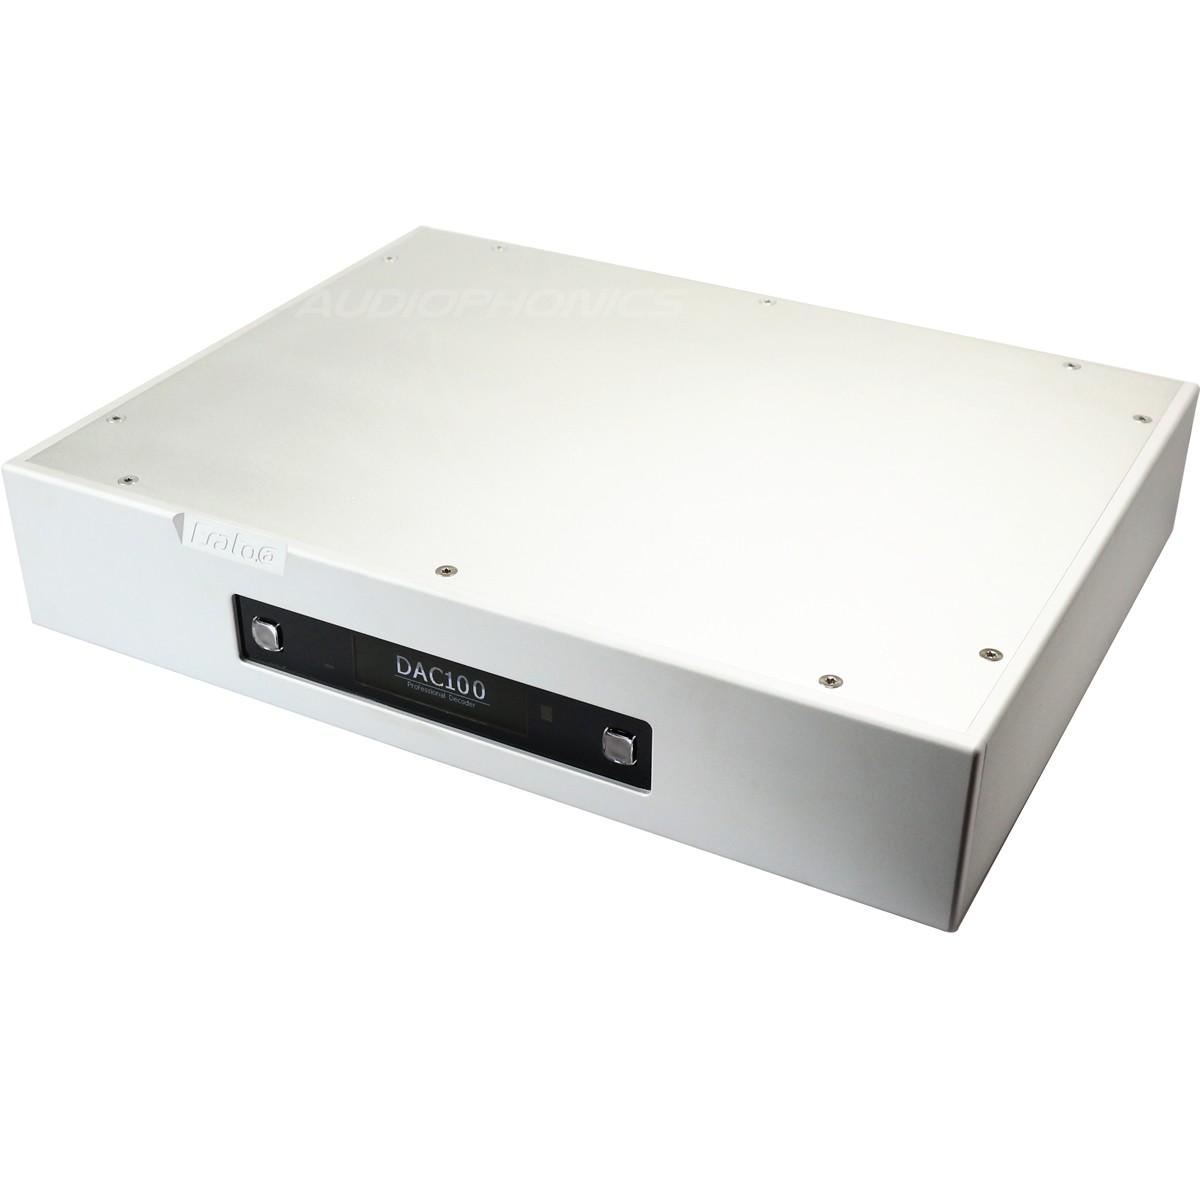 ERATO DAC100 V1 DAC Symétrique XLR 24bit / 192Khz 2x AK4497 DSD64 XMOS U208